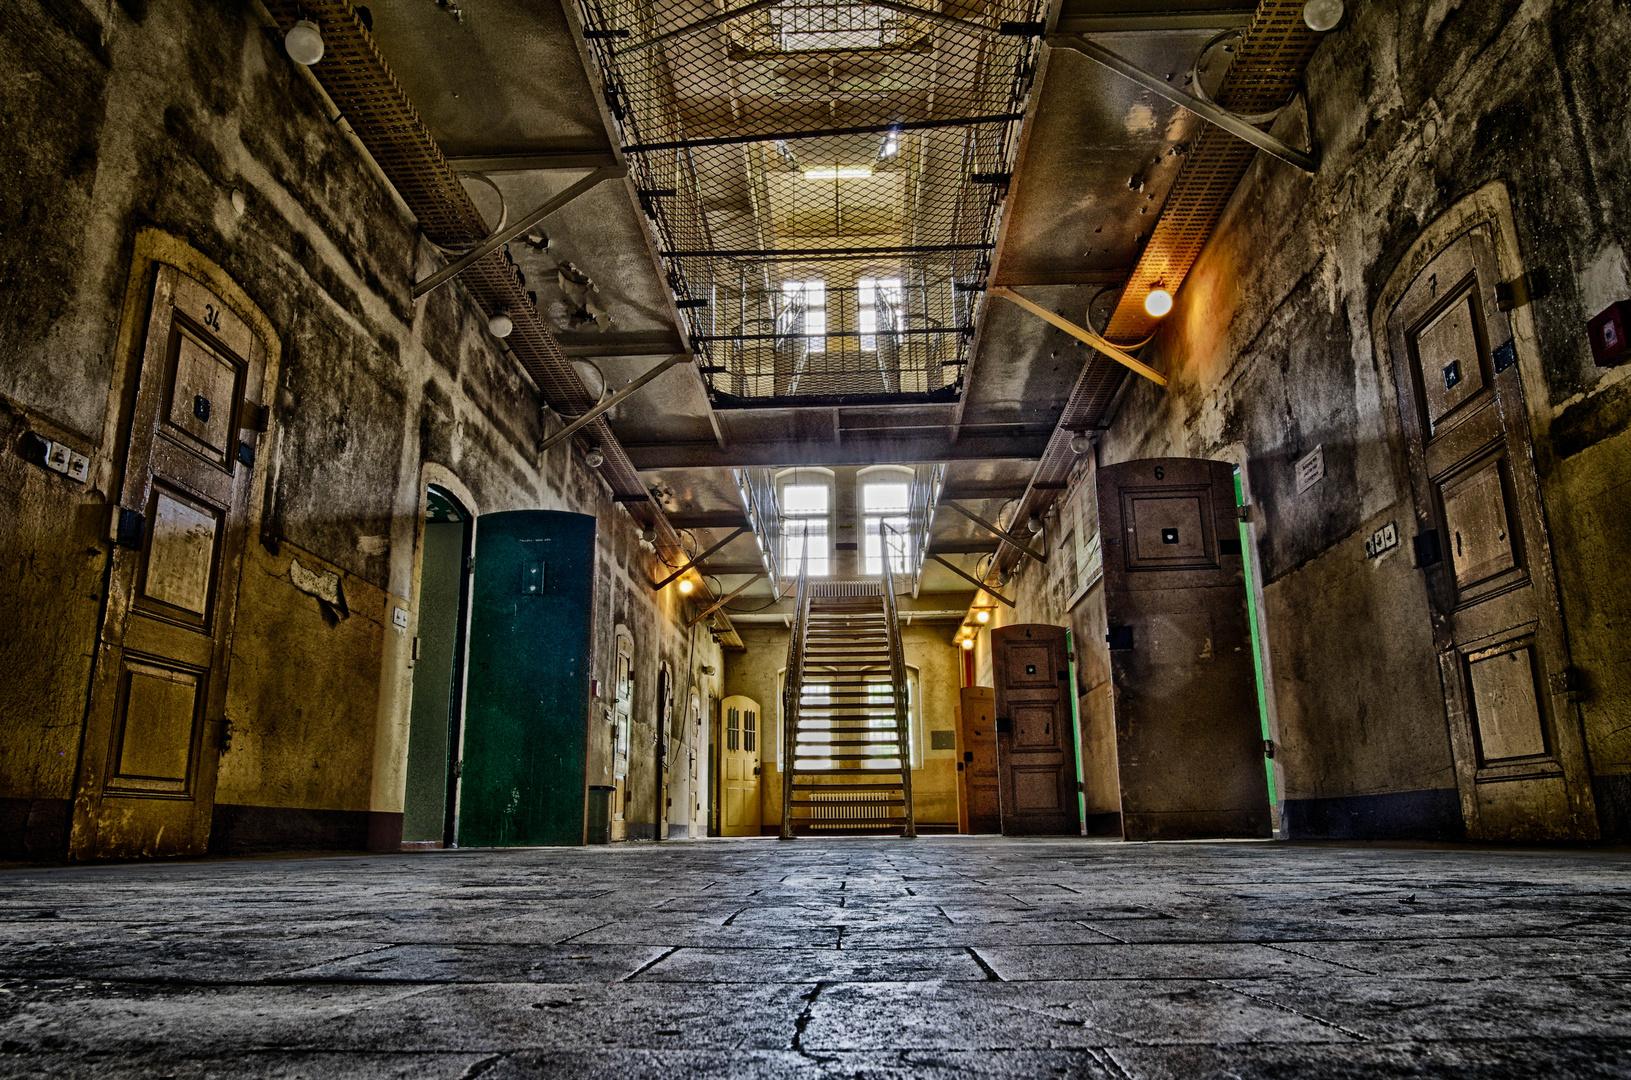 Ehemaliges Gefängnis- Schloss Hoheneck